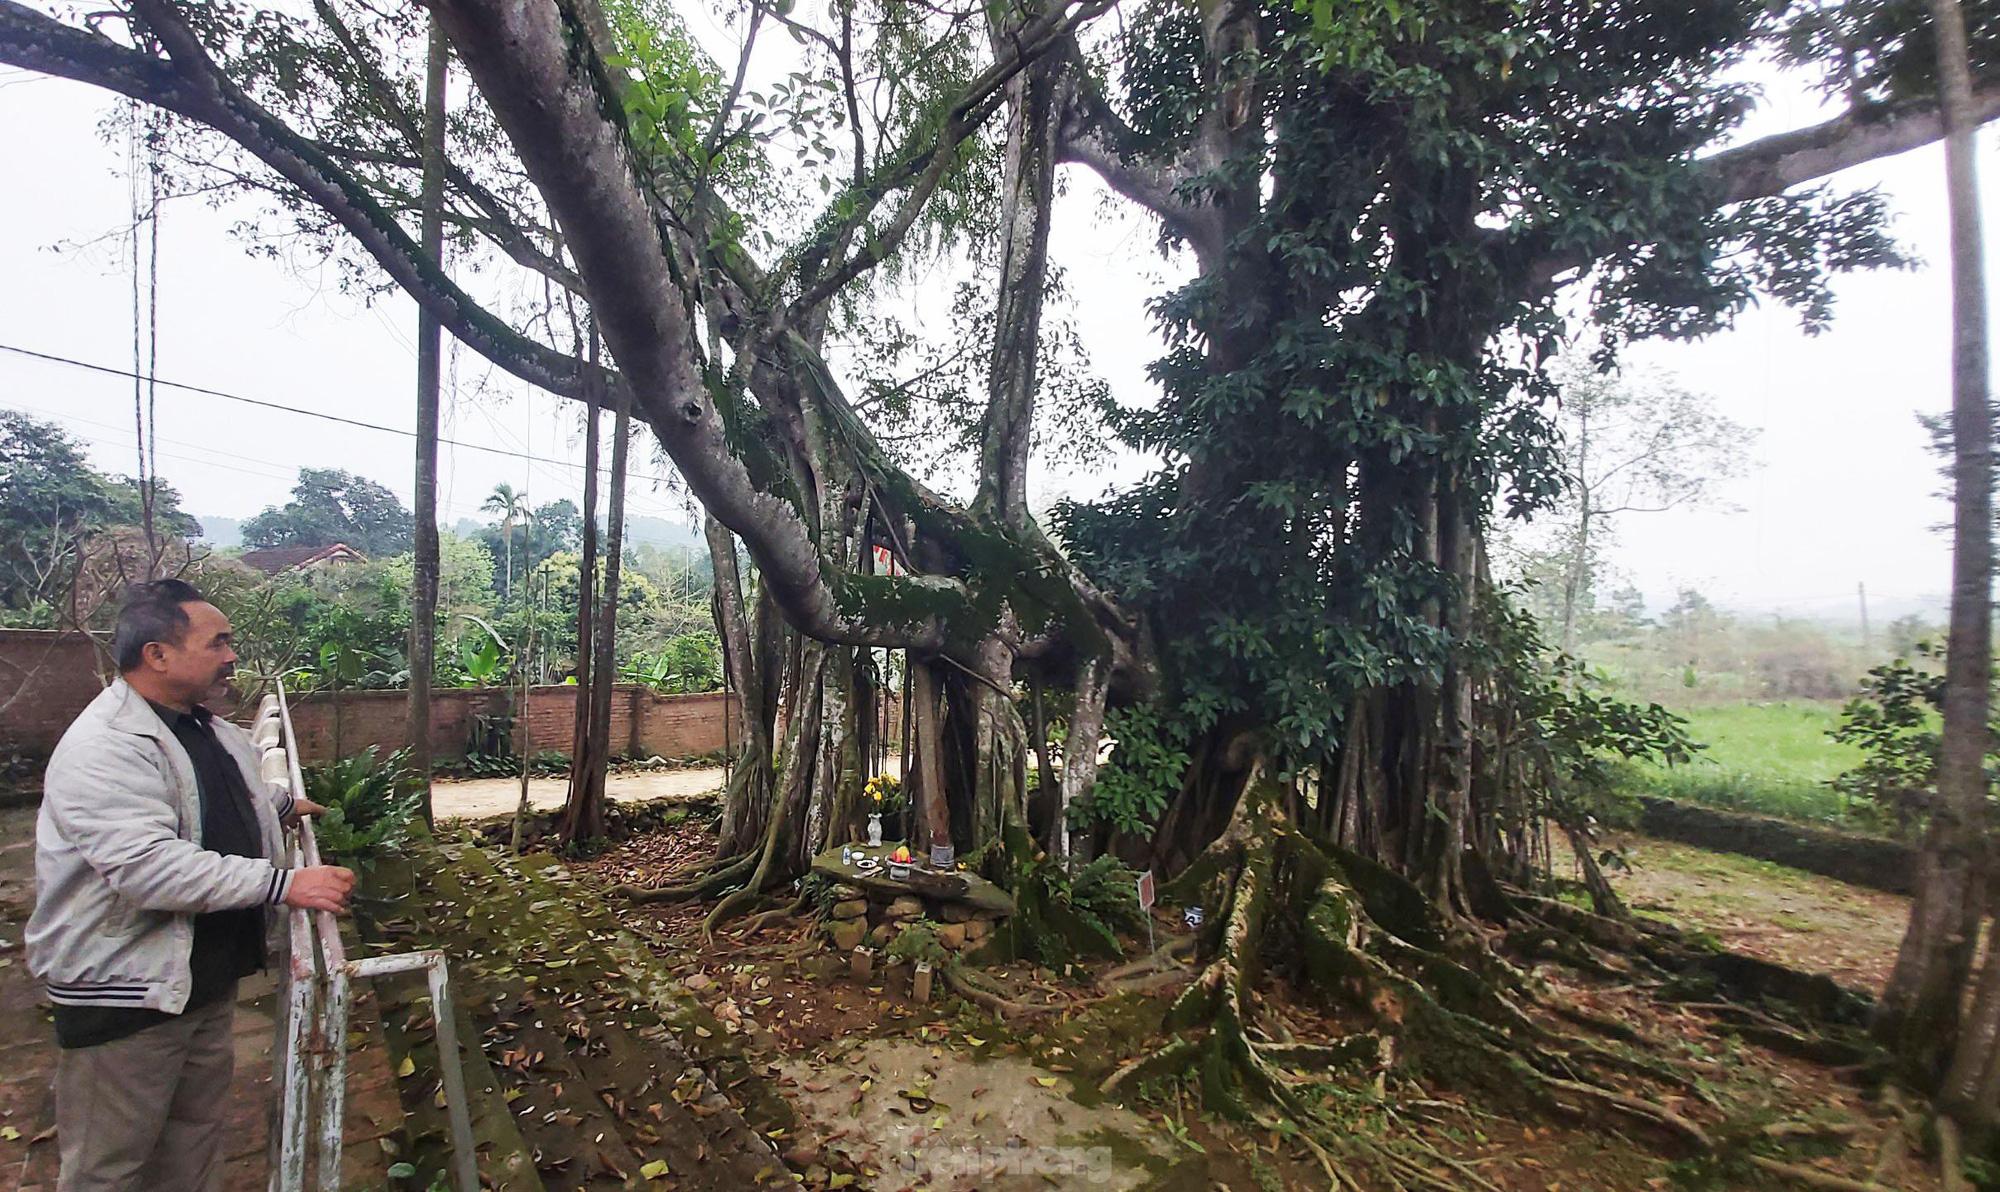 """""""Quái cây"""" đa Thần Rùa hàng ngàn năm tuổi với bộ rễ quá khủng như những con rắn khổng lồ - Ảnh 2."""